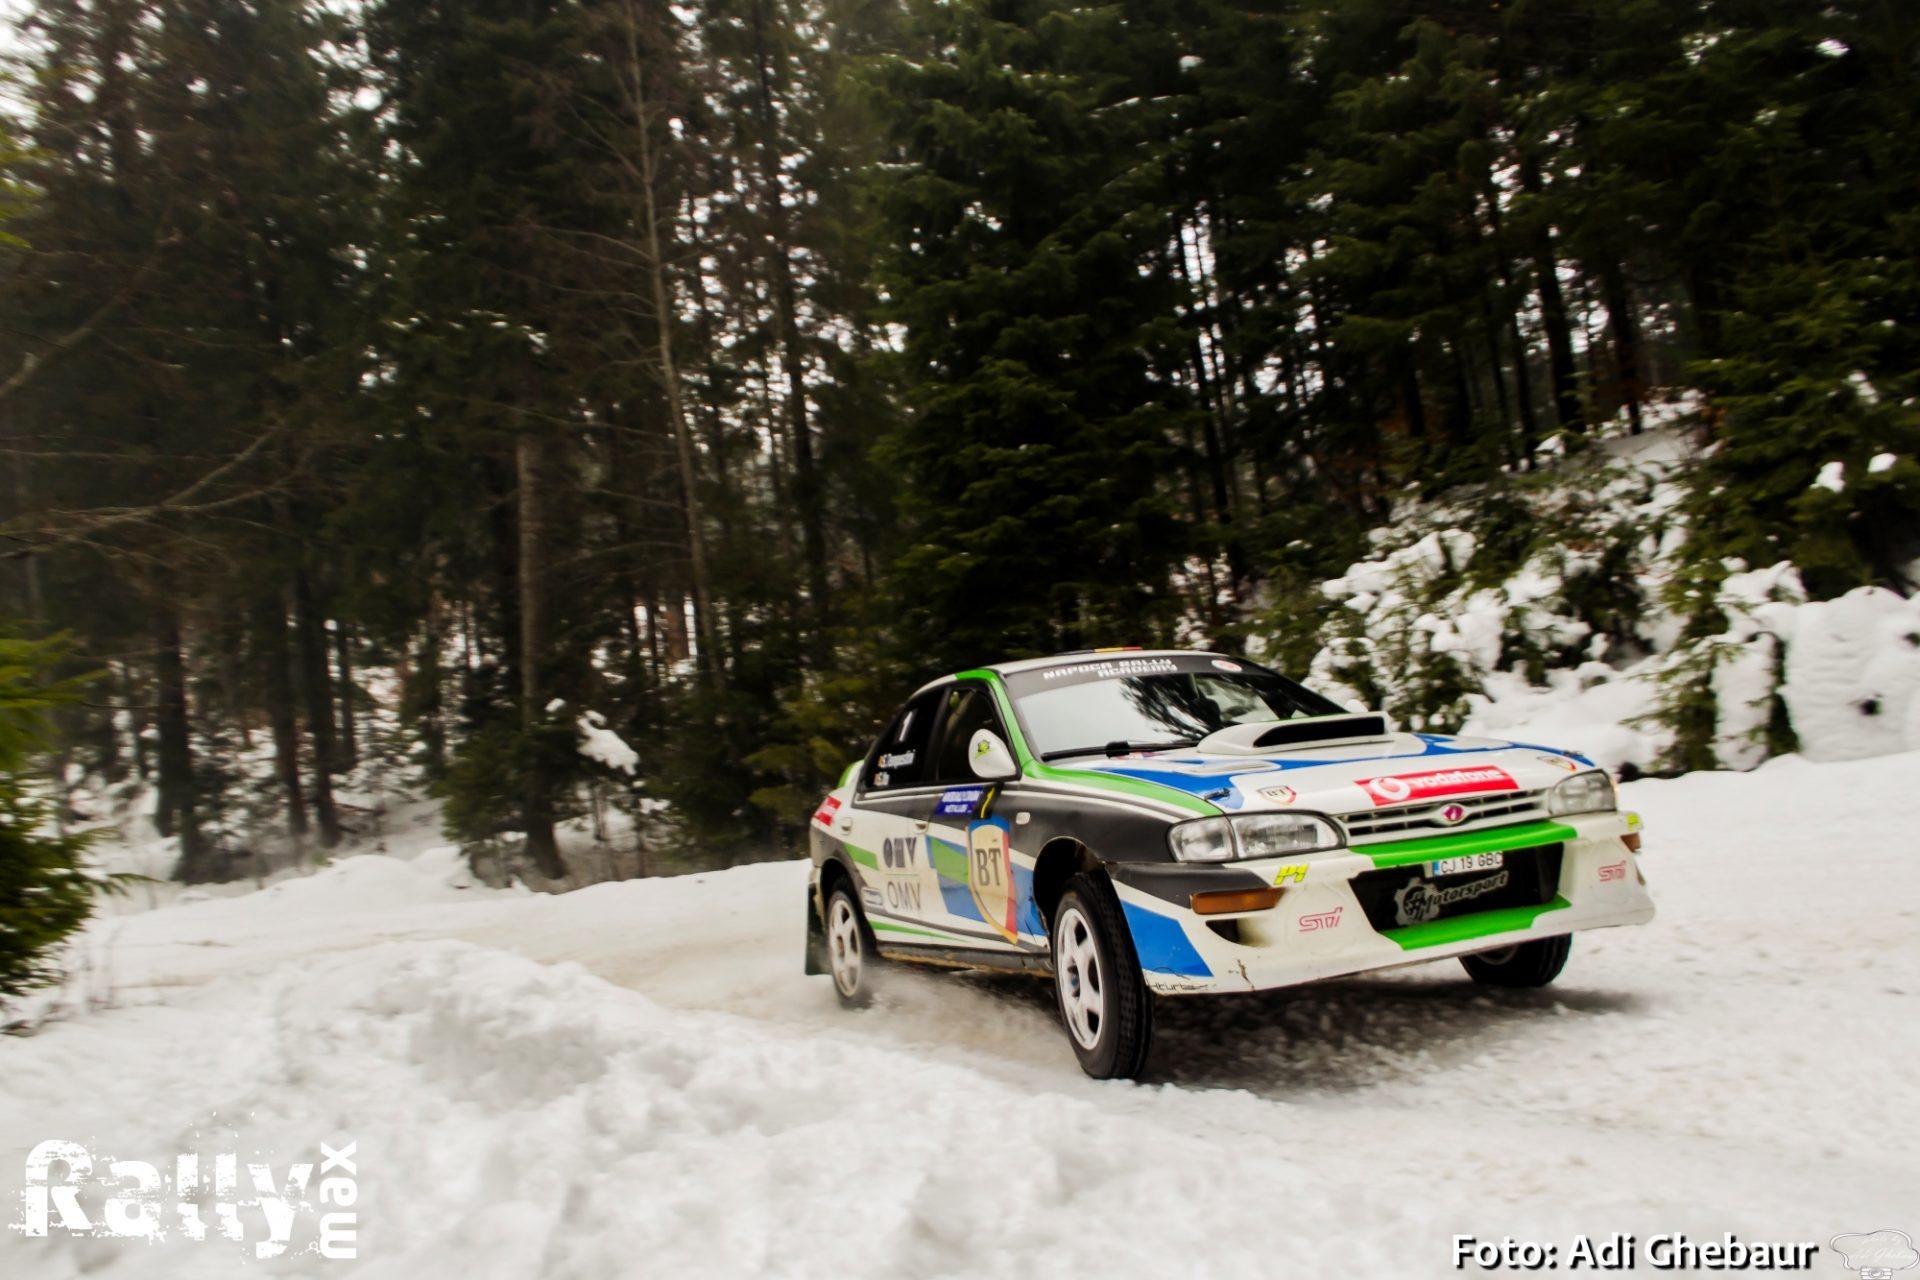 Simone Tempestini conduce in Winter Rally Covasna 2020